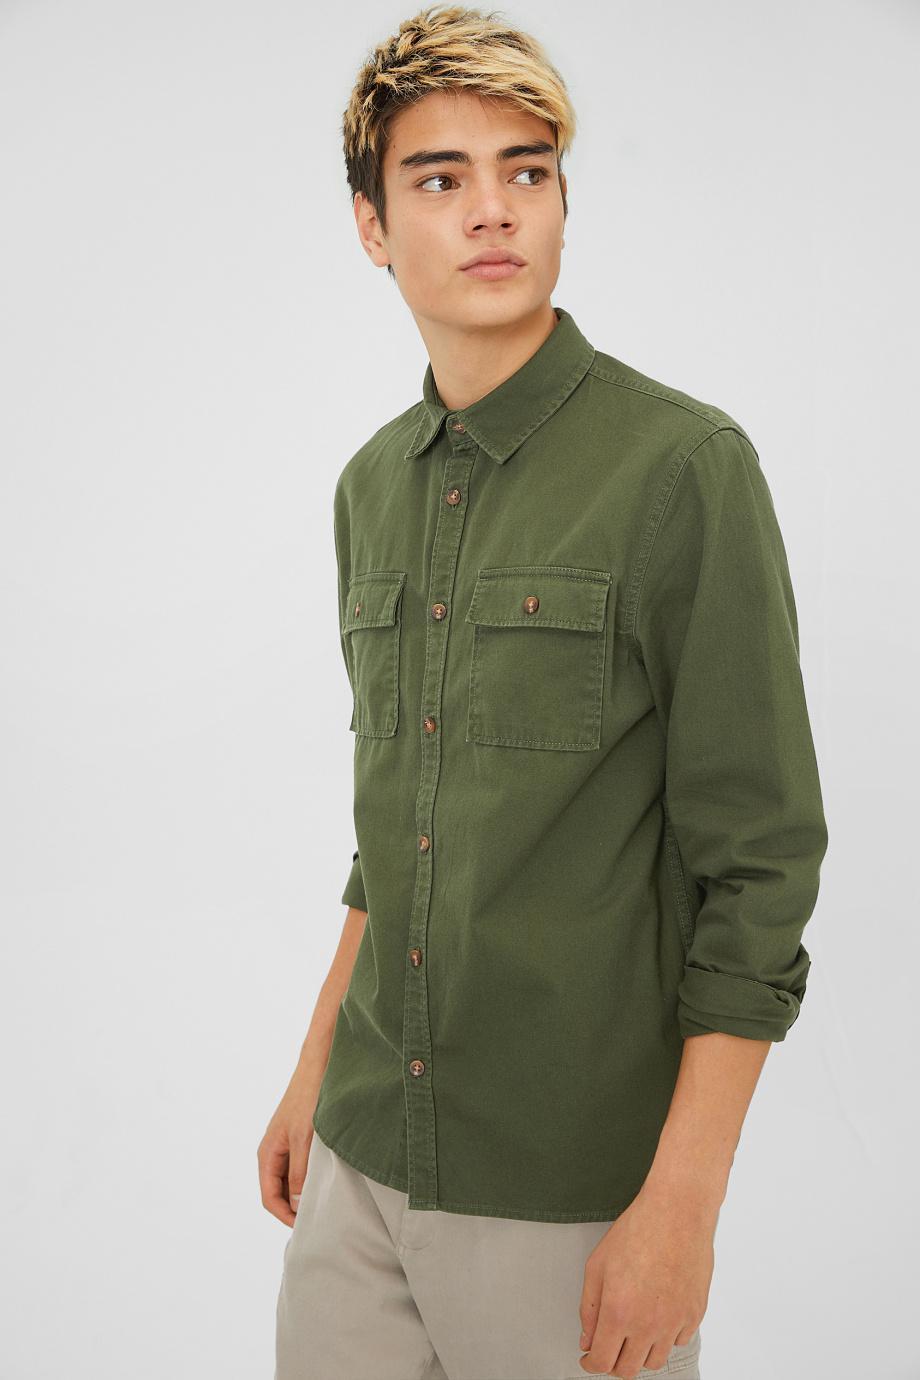 Отзыв на Рубашка - нормальные Fit Кент из Интернет-Магазина C&A